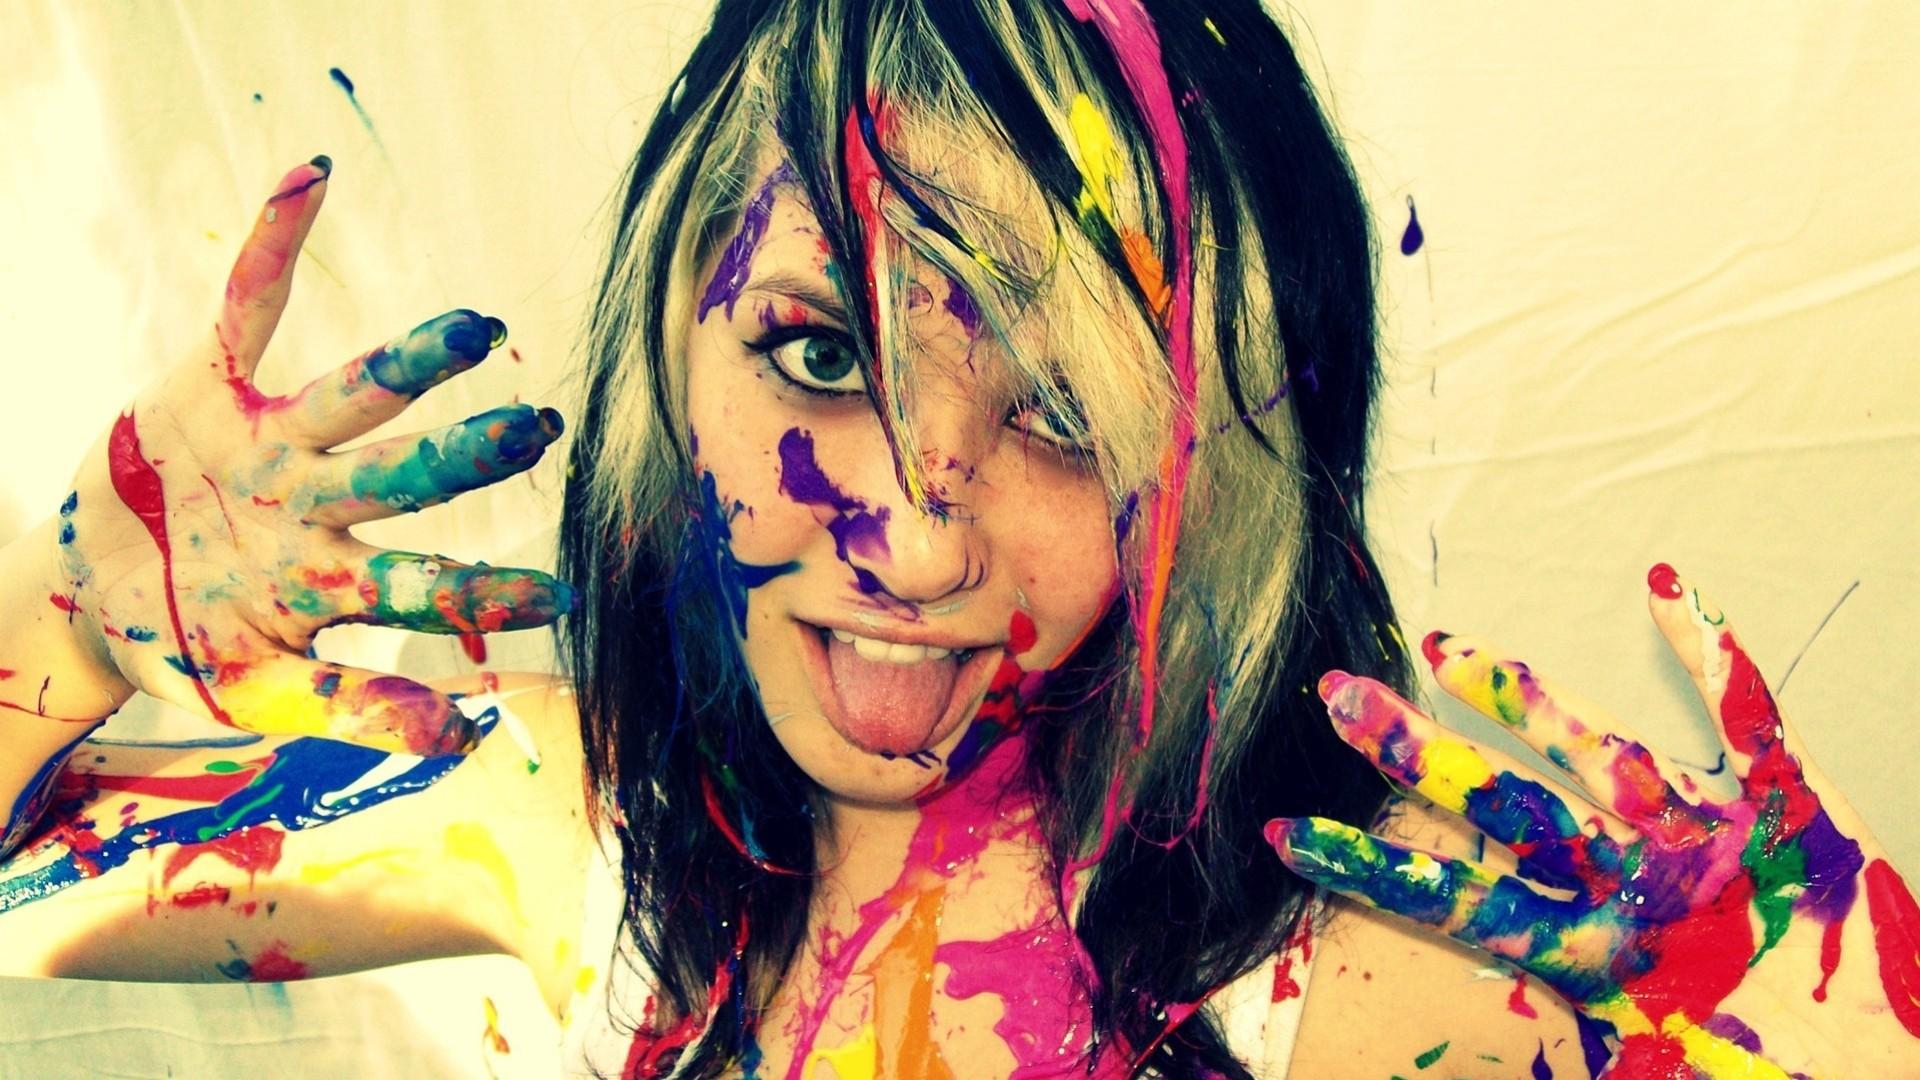 Краска которой рисуют на теле